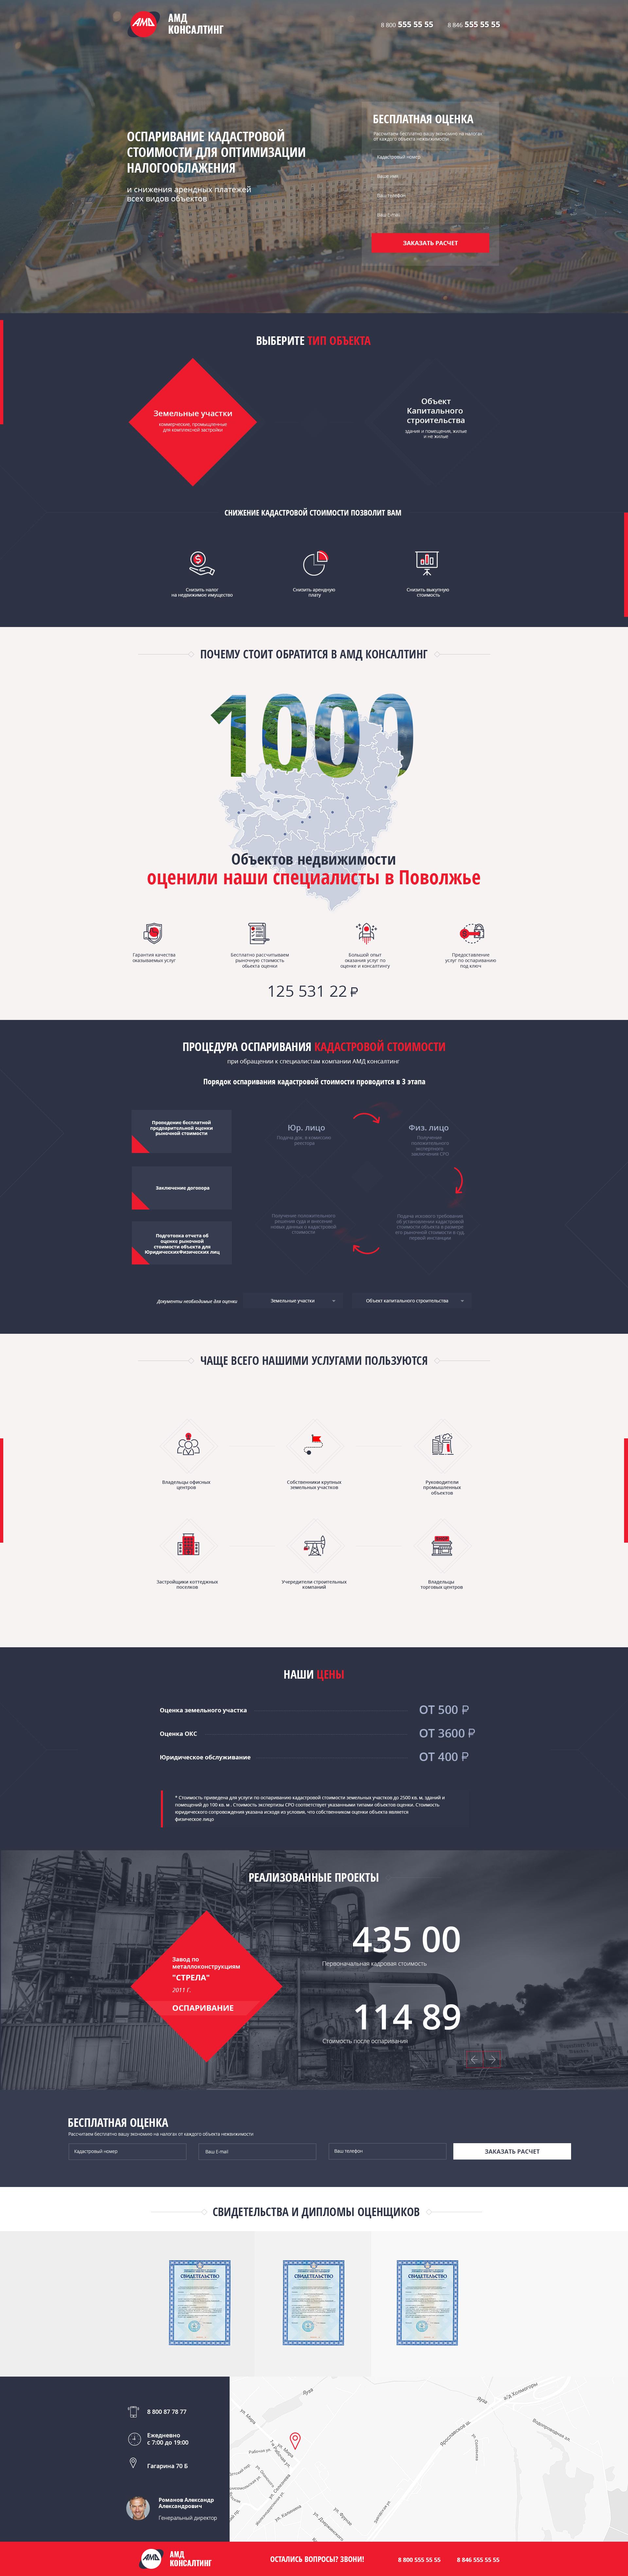 Дизайн Landing Page для консалтинговой компании